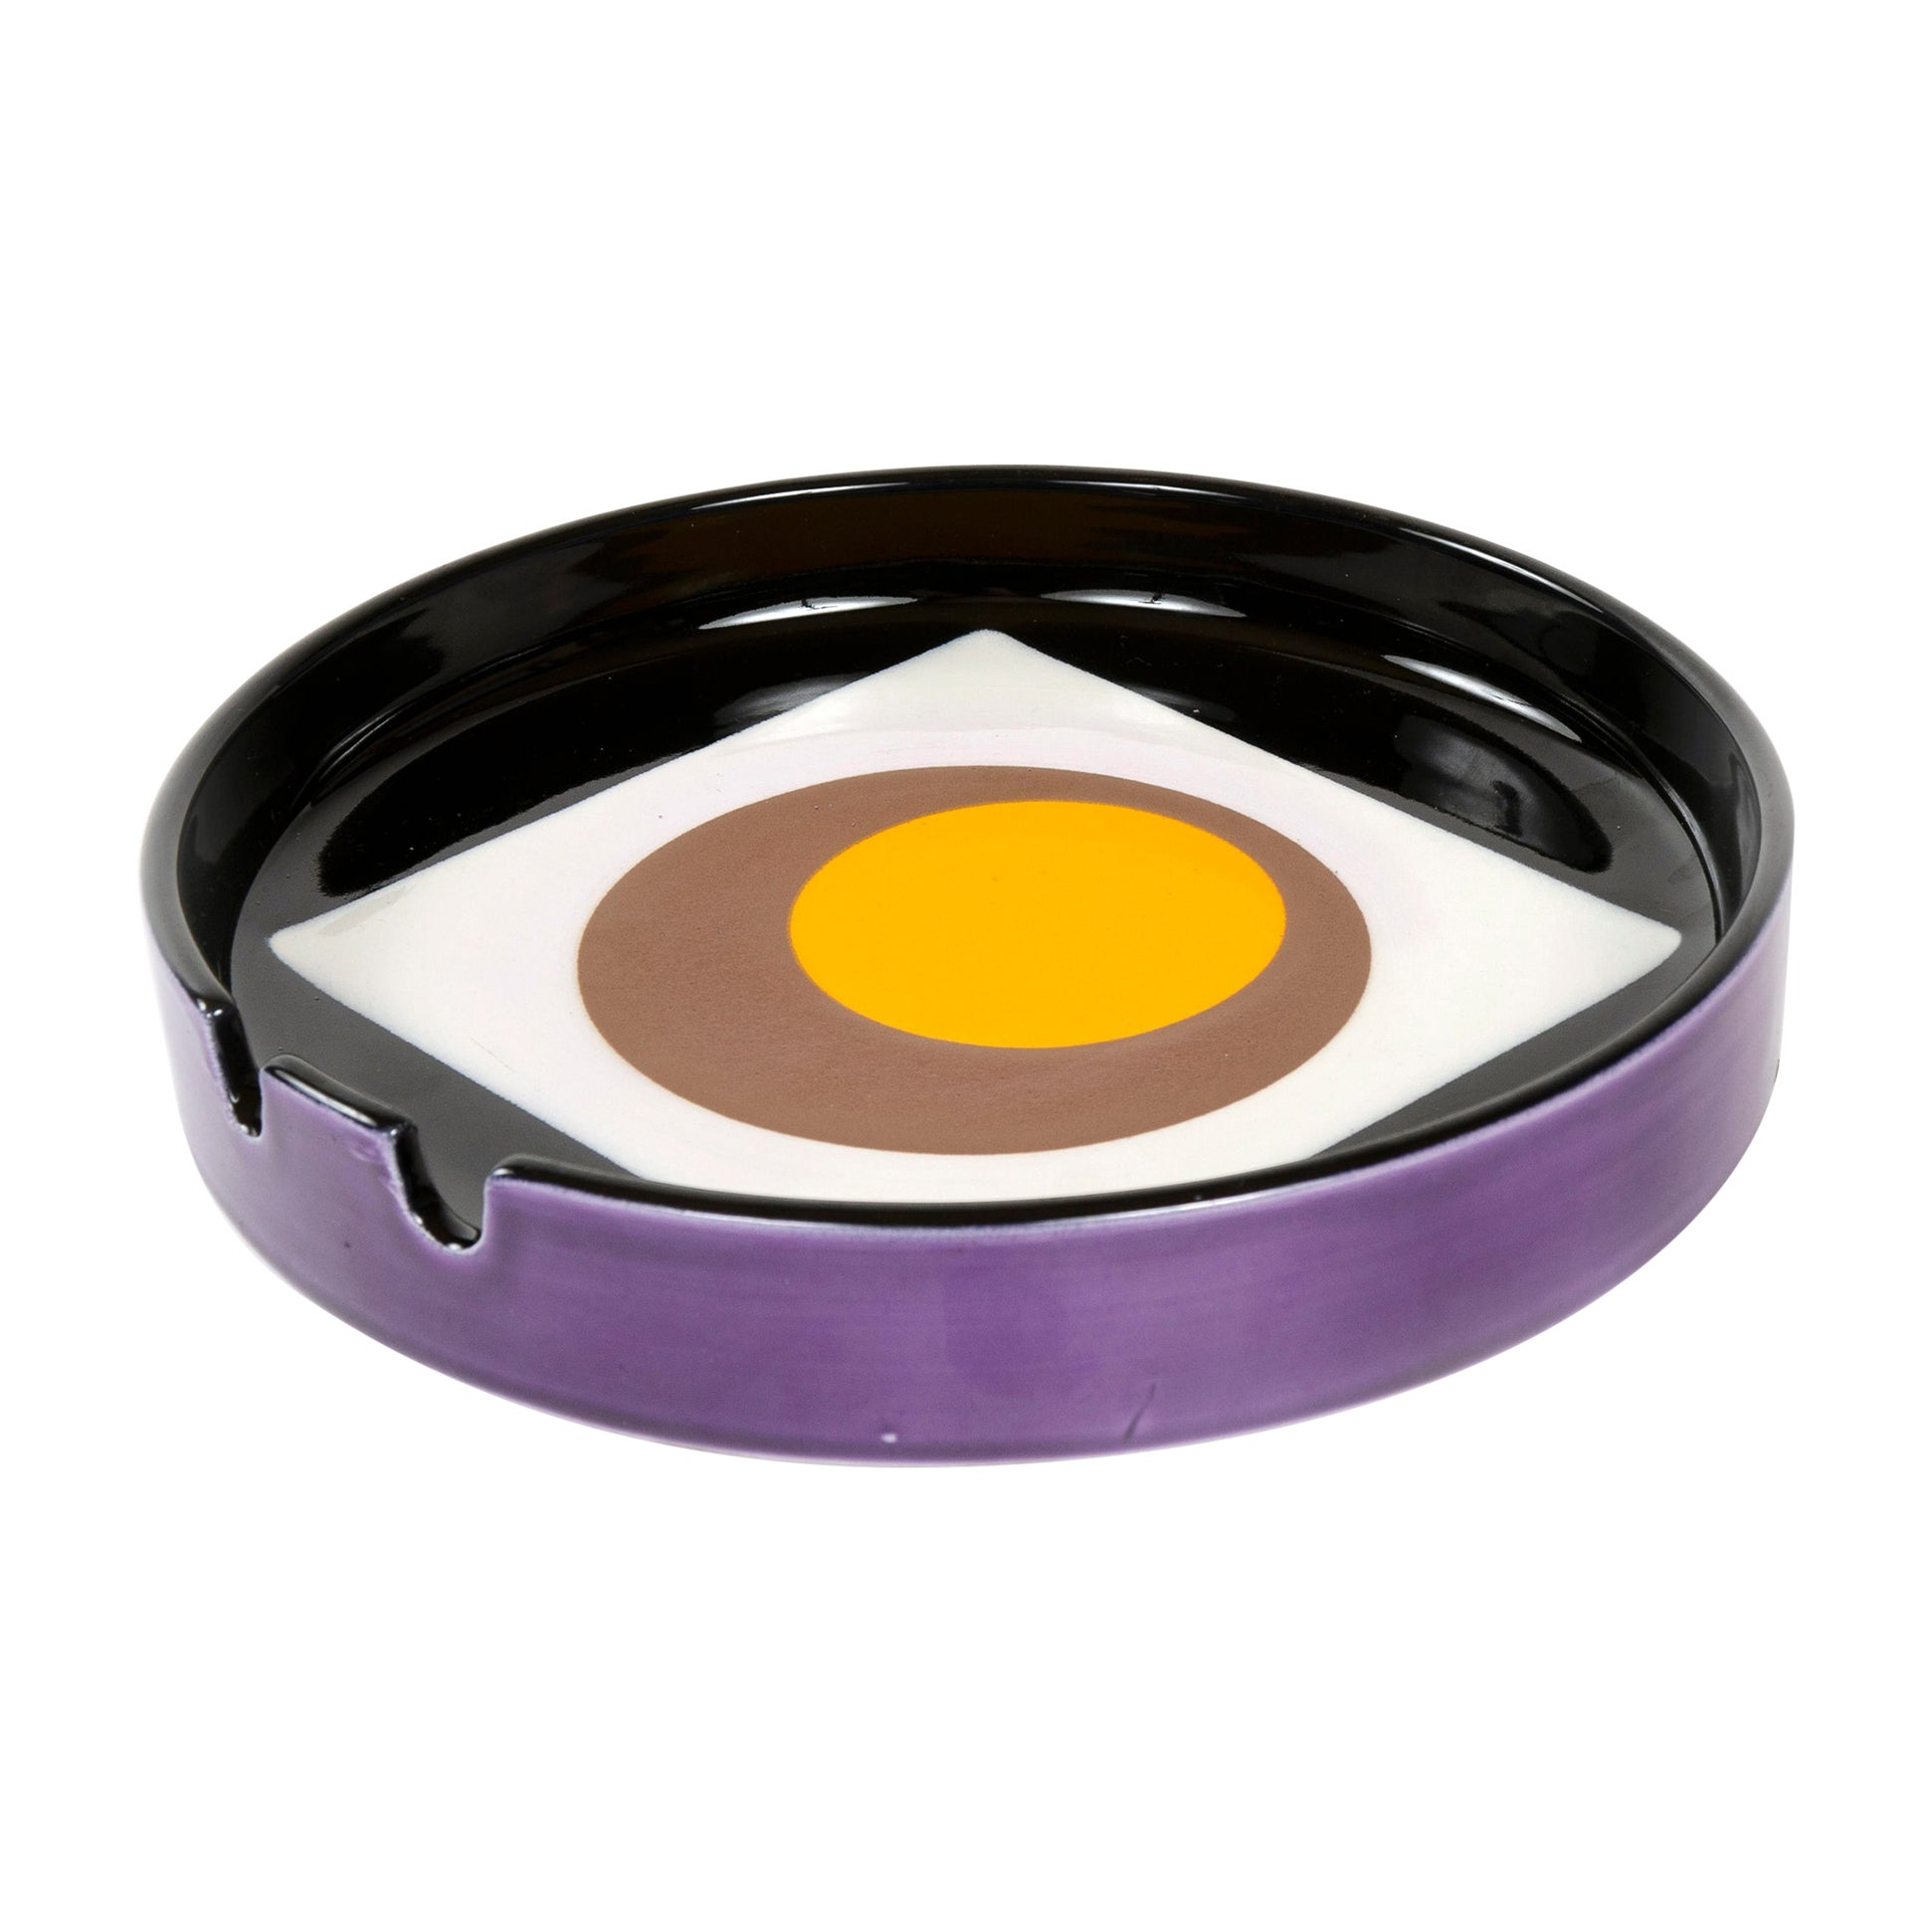 1960s Italian Ceramic Ashtray by Mancioli Ceramica for Raymor